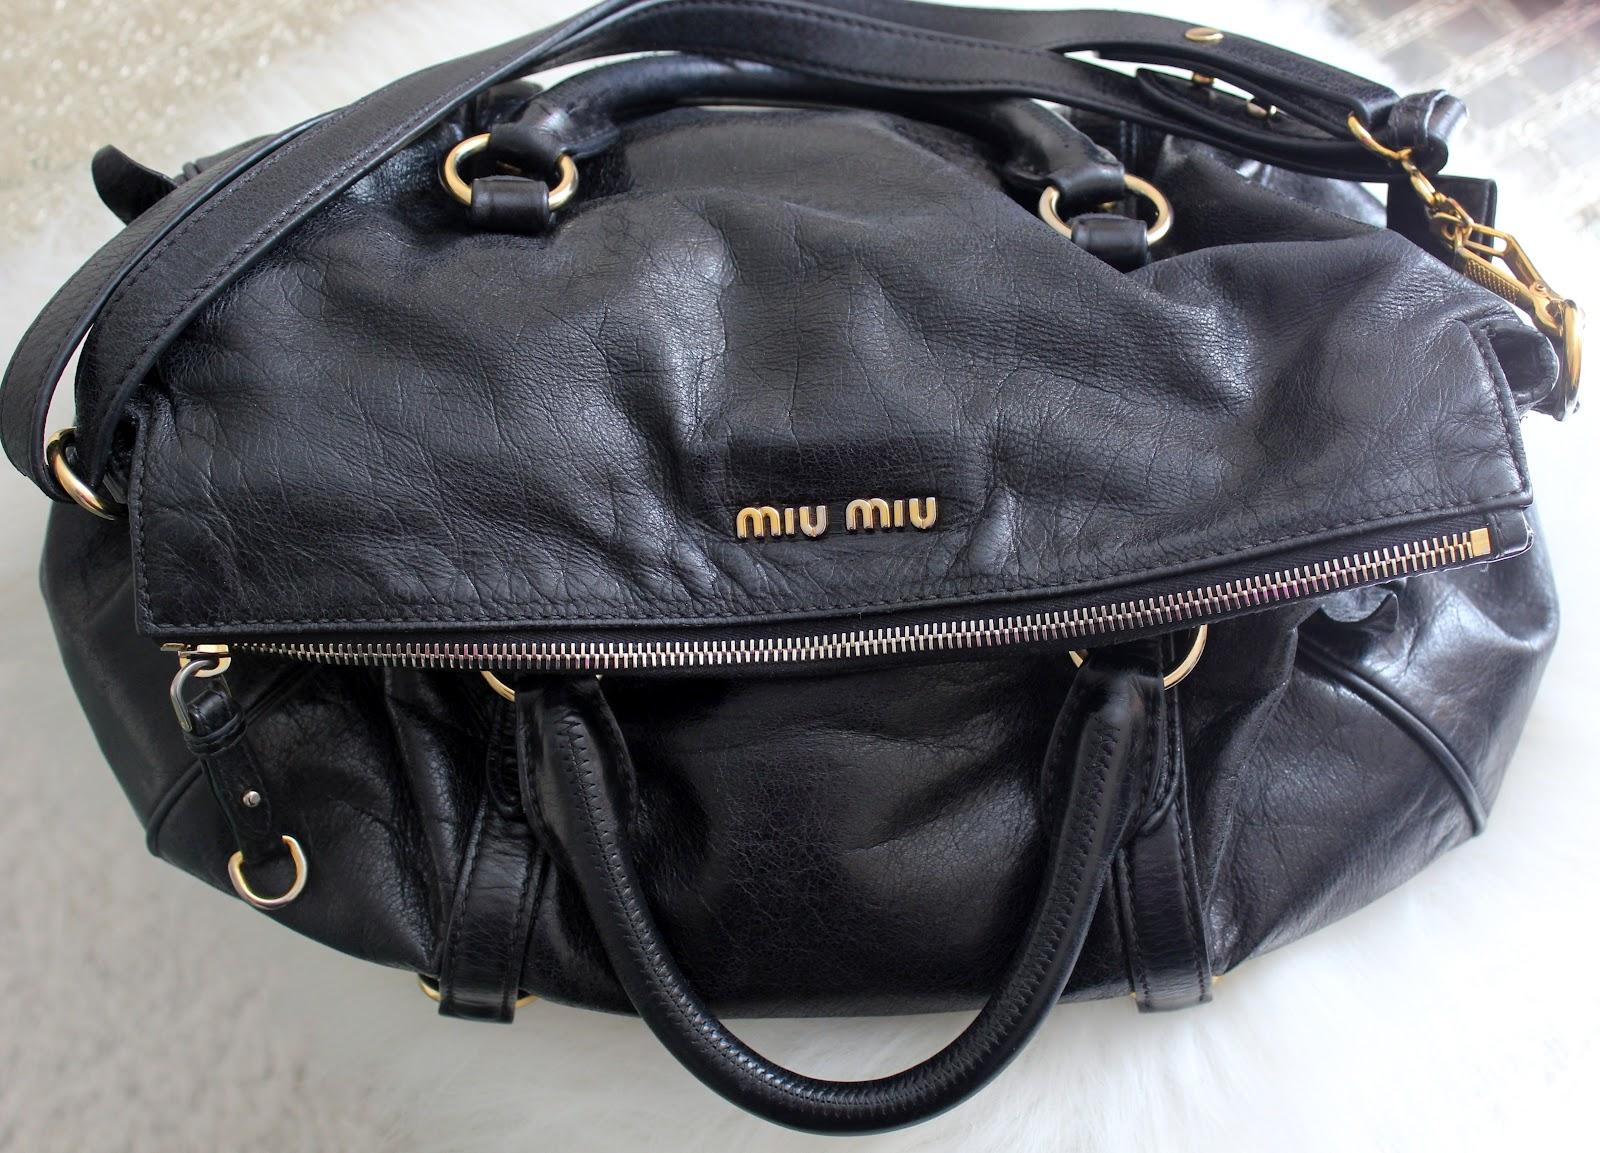 Miu Miu Bow Bag Black